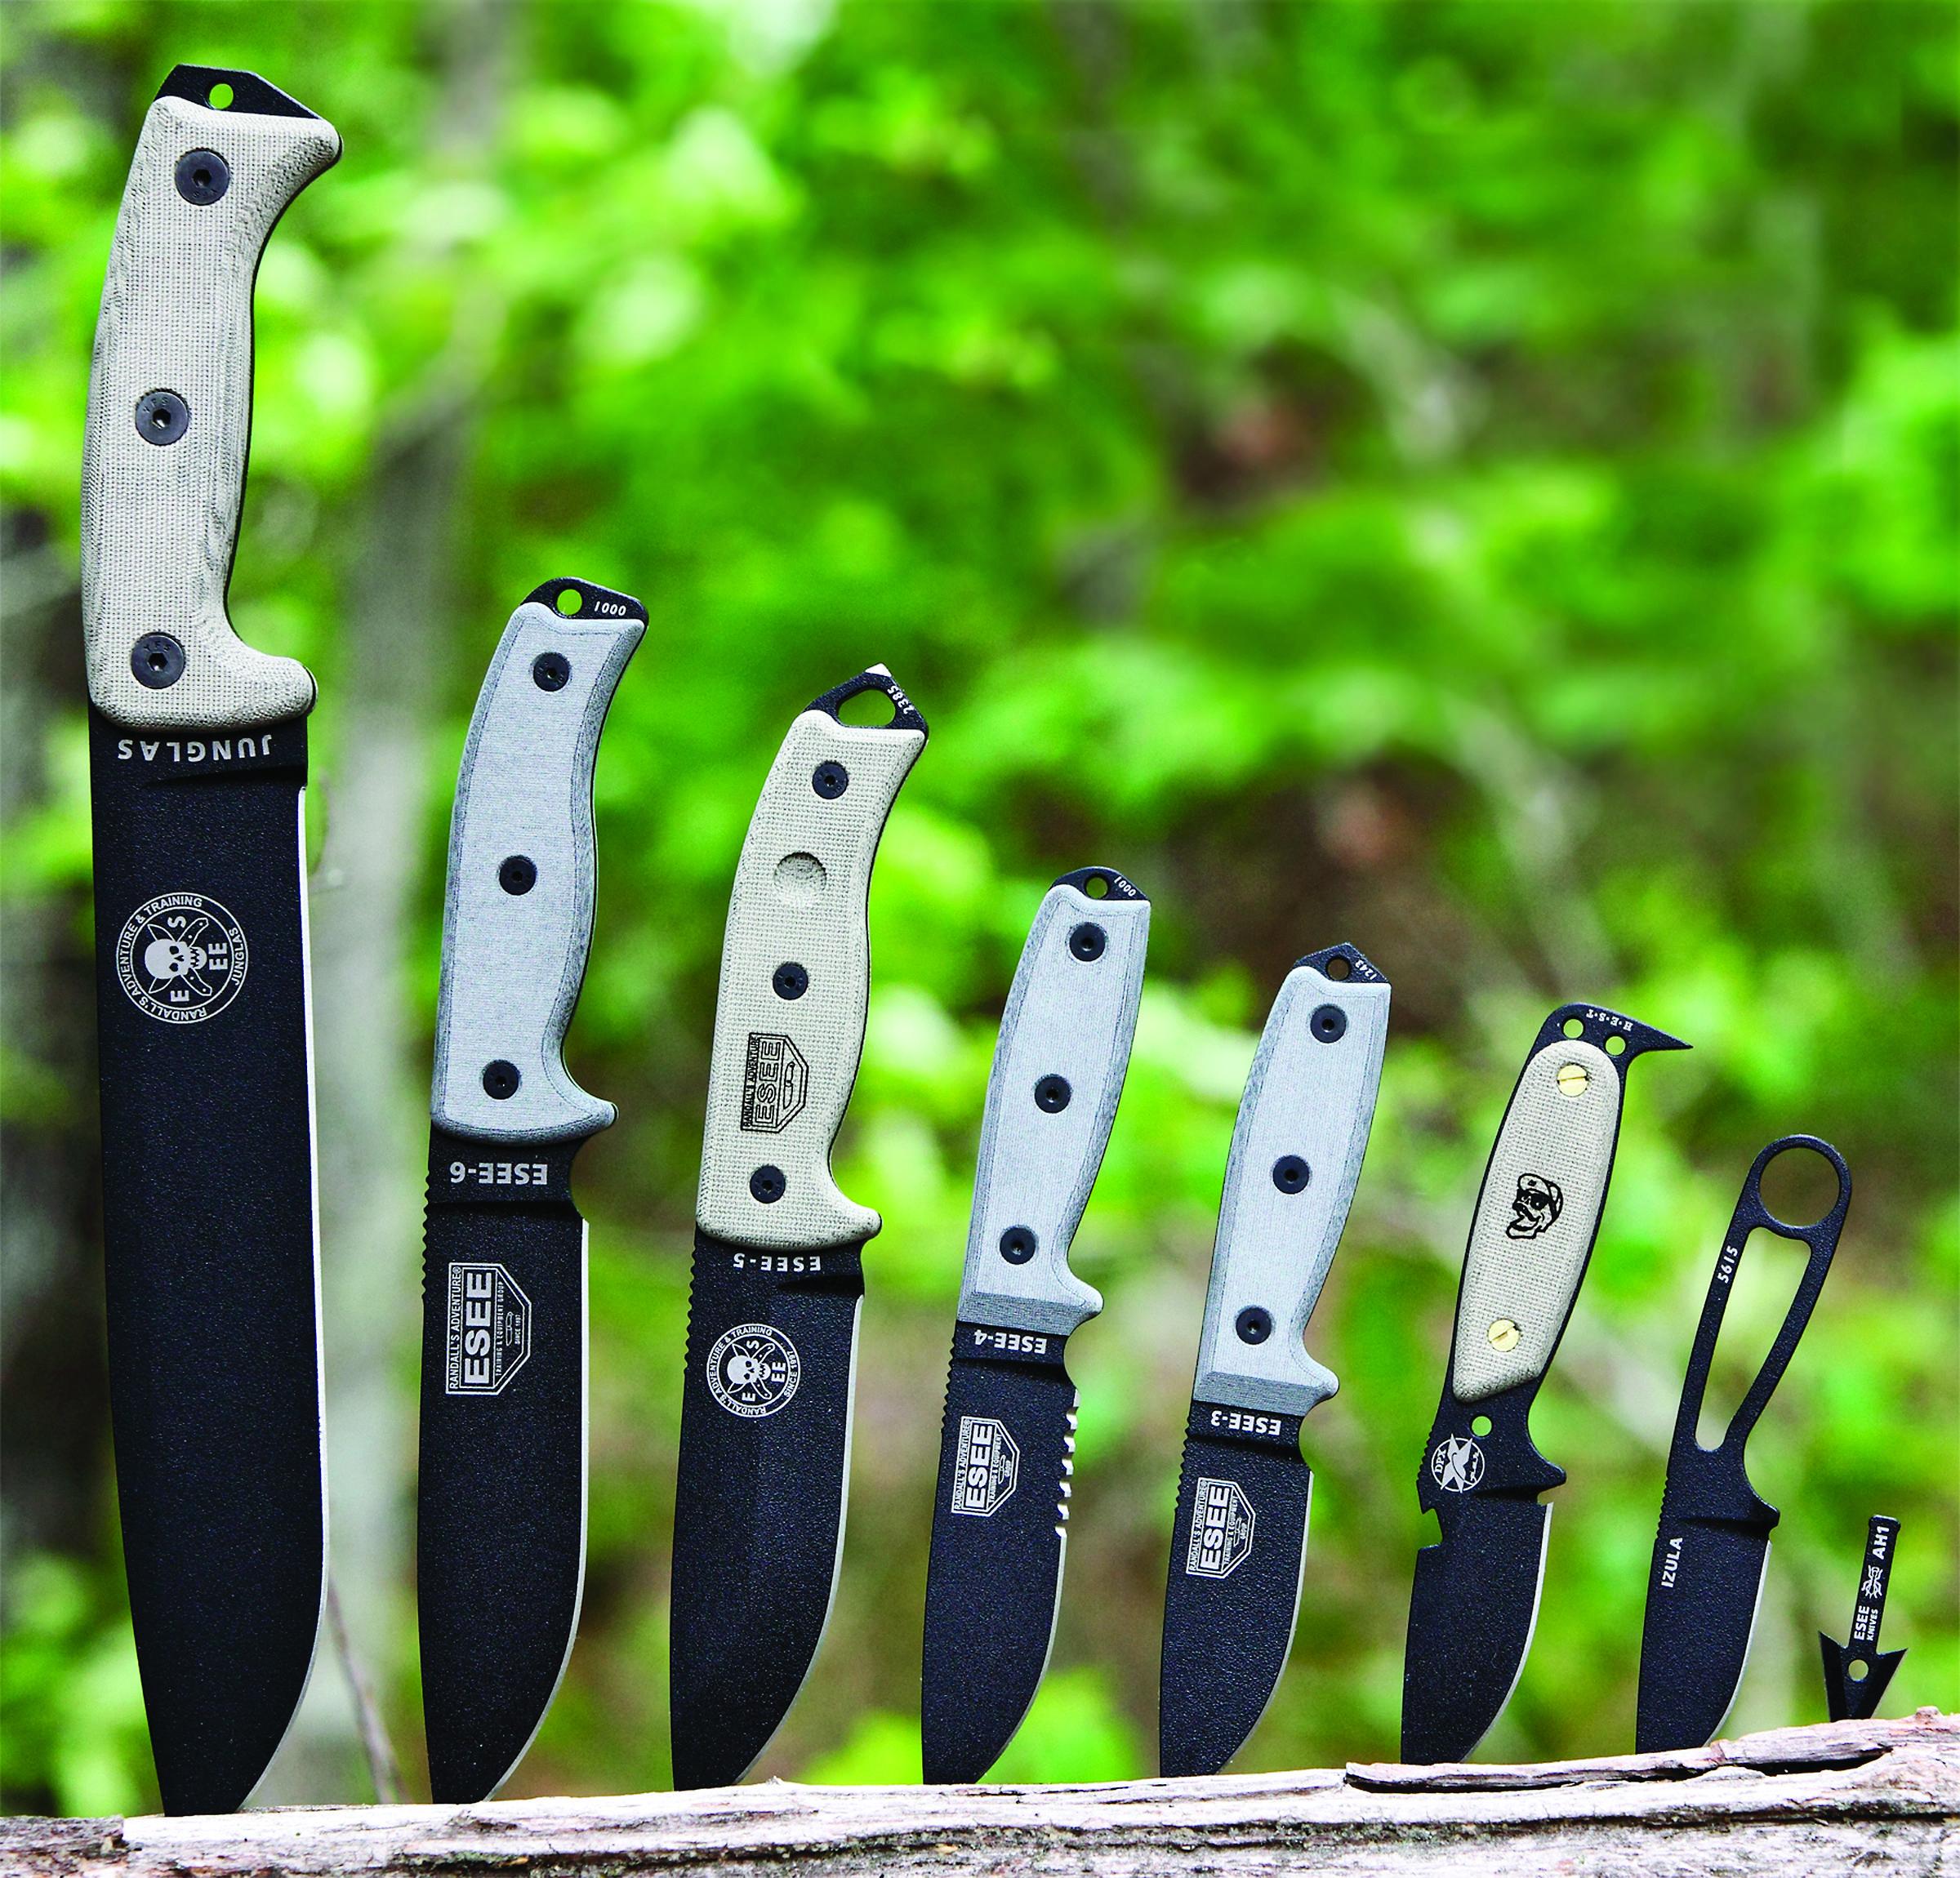 esee knives since 1997 randall u0027s adventure u0026 training has